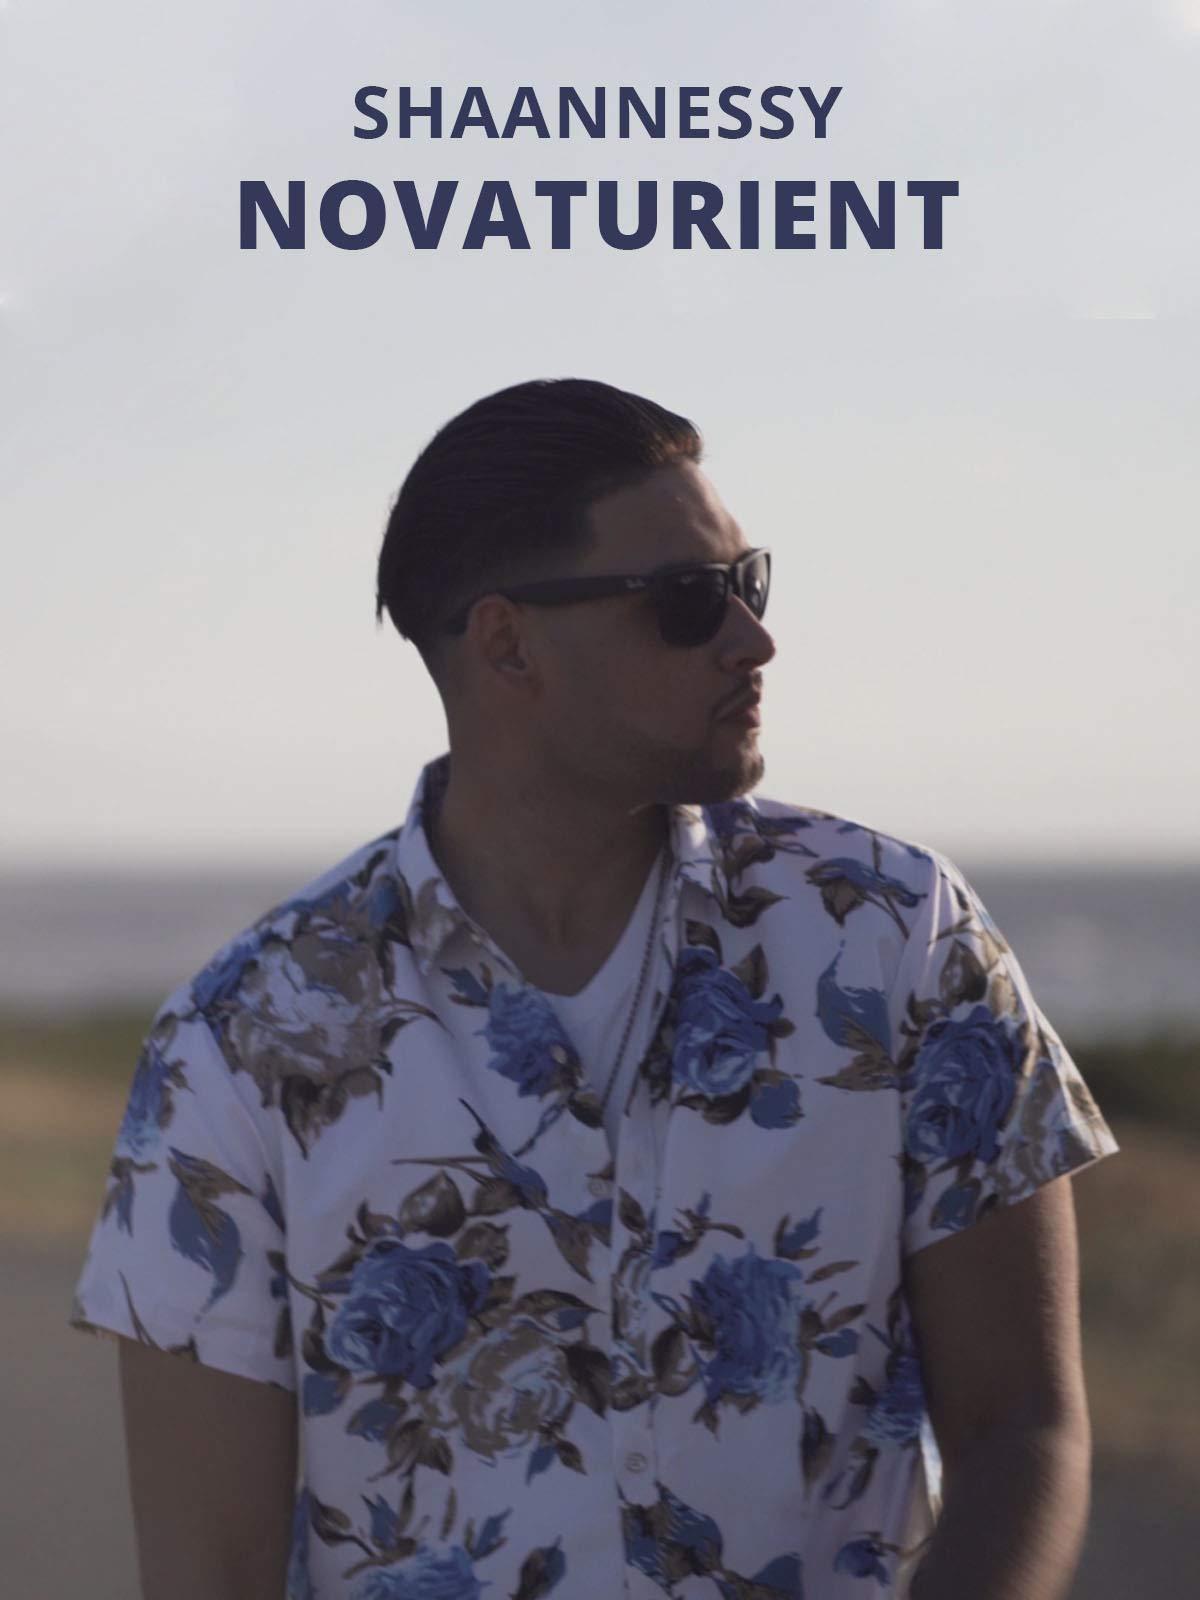 Novaturient